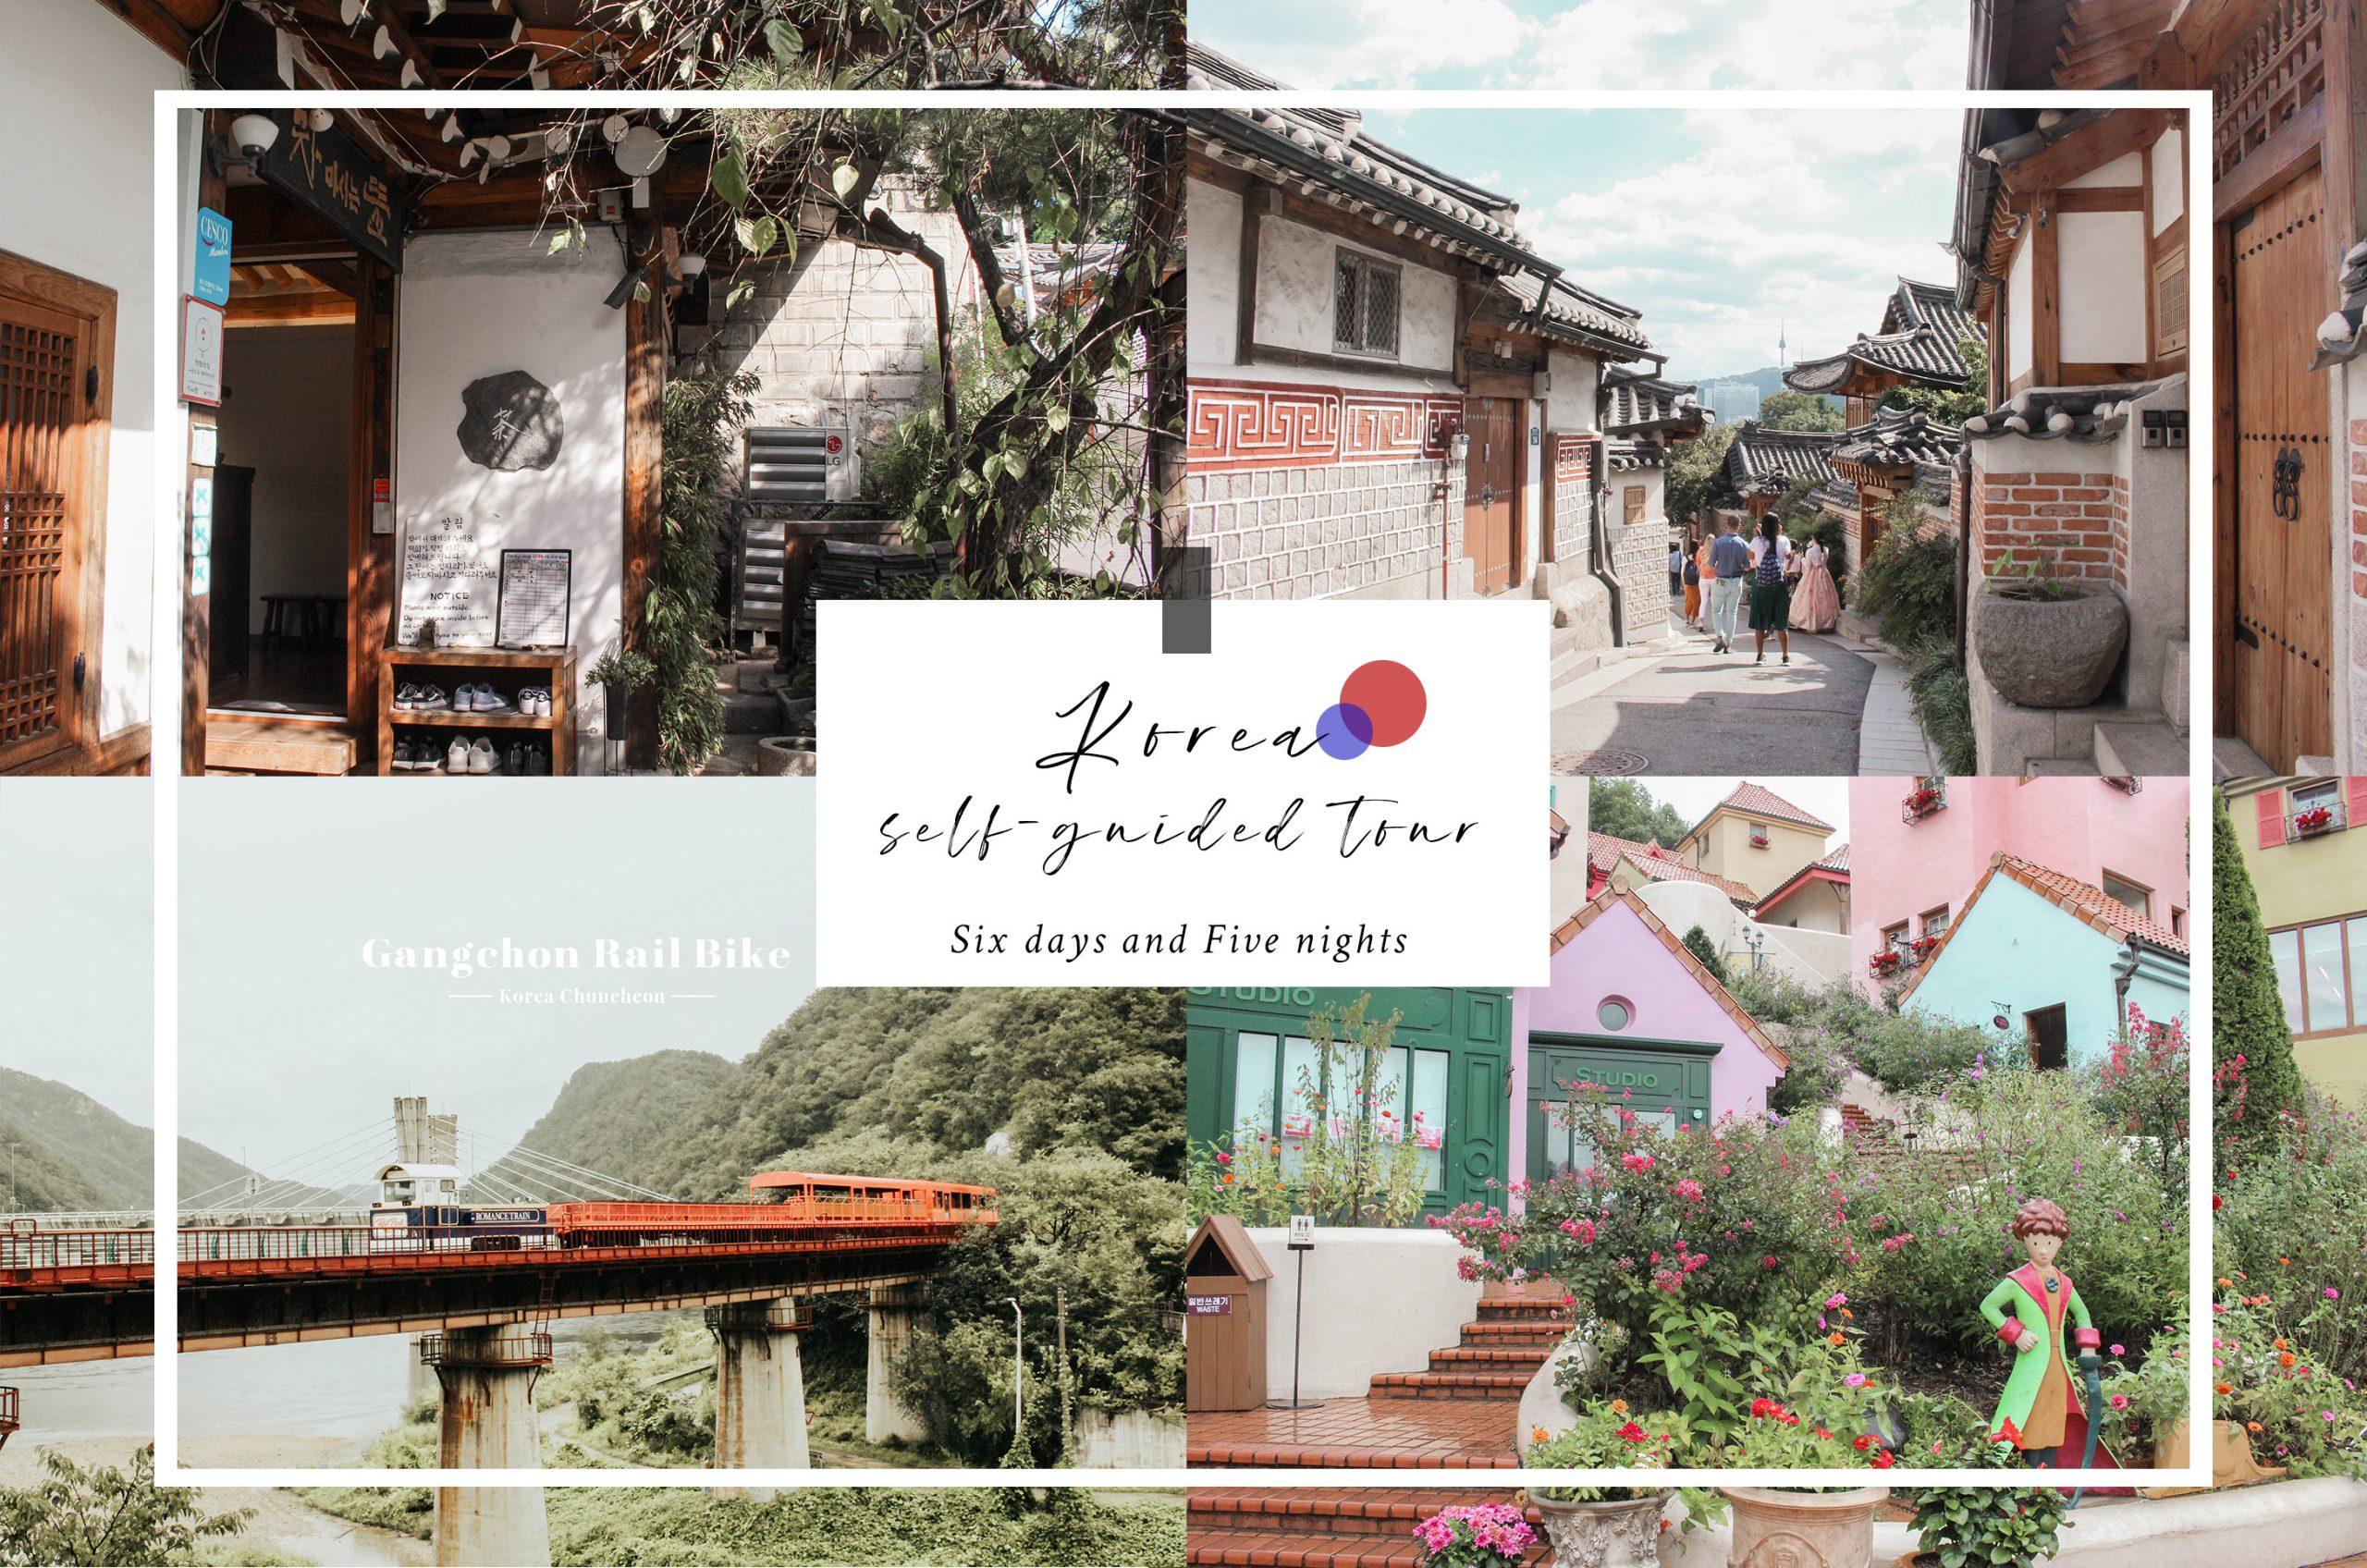 韓國首爾懶人包 ▏六天五夜自由行,最適合帶上家人的韓國行程規劃|韓國必去景點